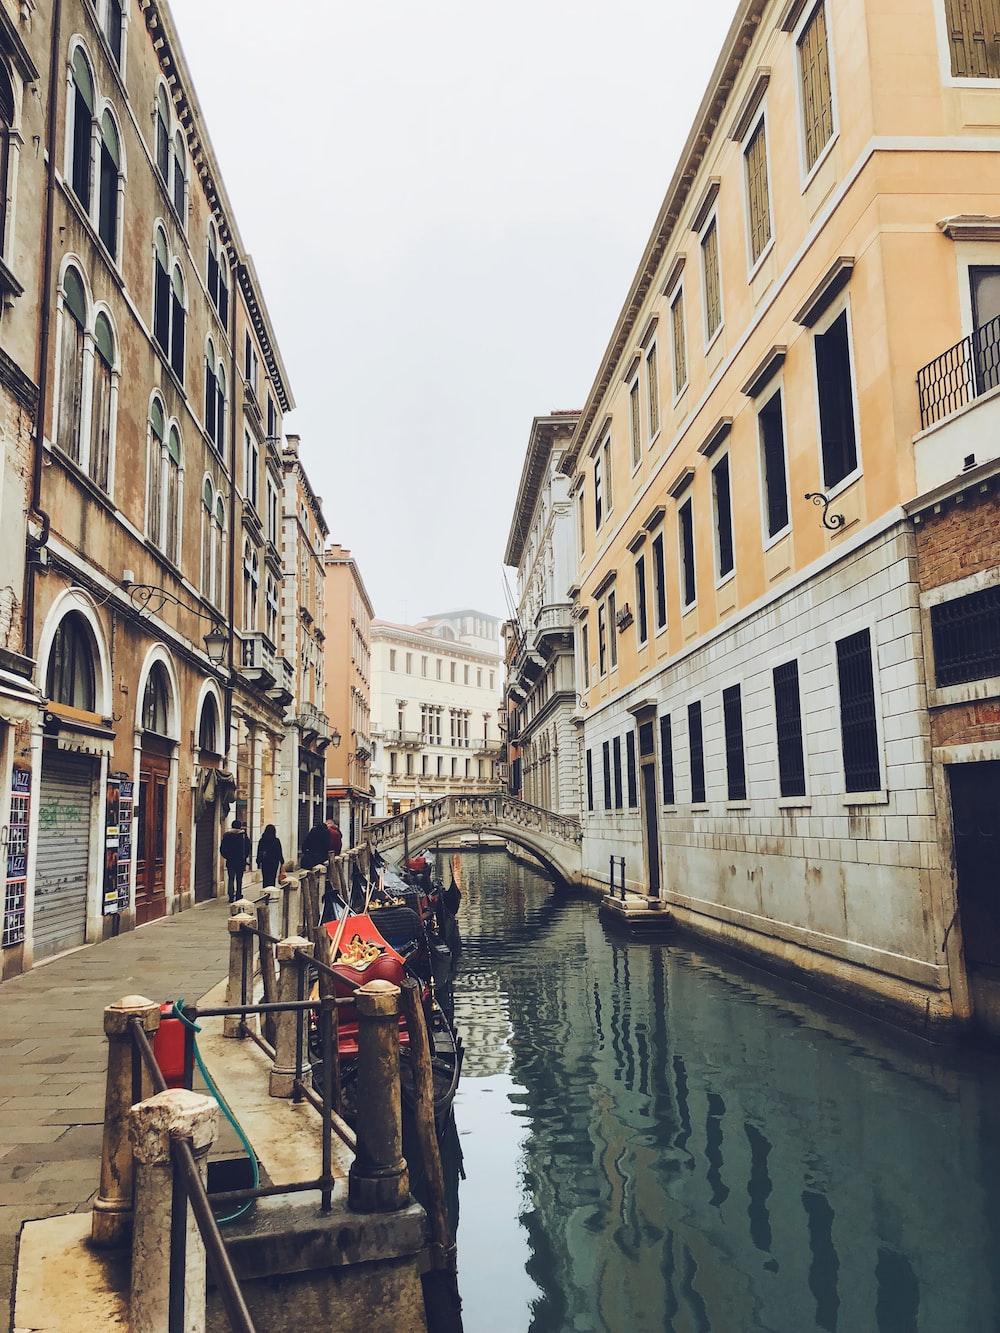 people walking in sidewalk beside canal